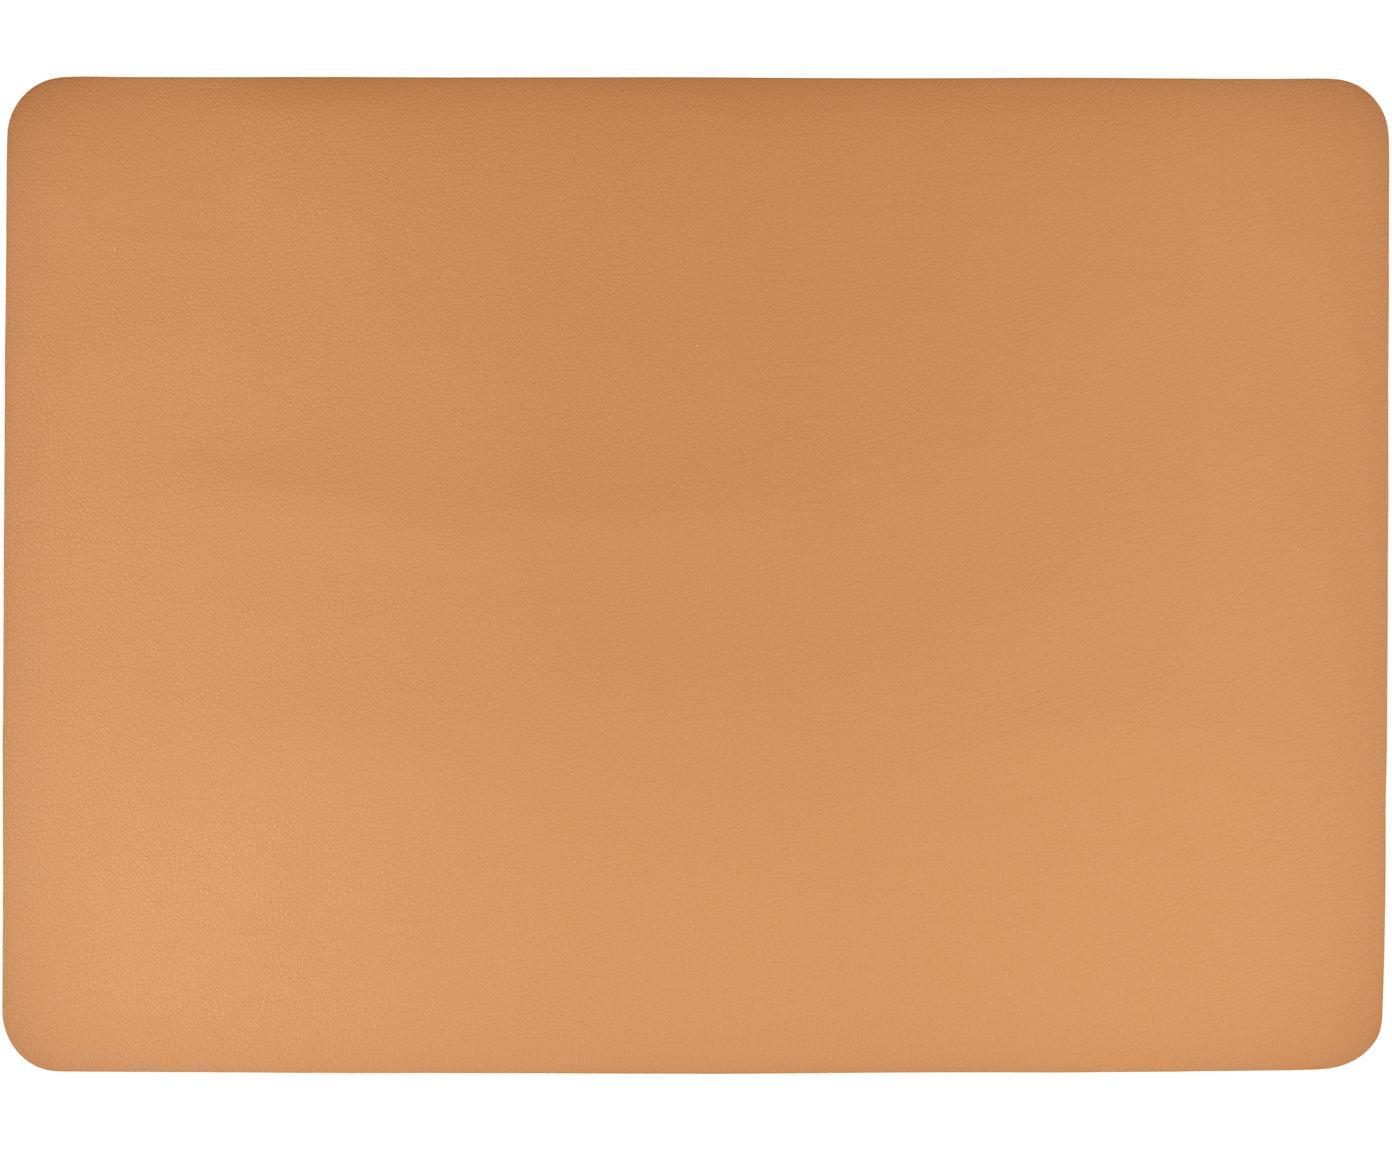 Podkładka ze sztucznej skóry Pik, 2 szt., Tworzywo sztuczne (PVC), Karmelowy, S 33 x D 46 cm